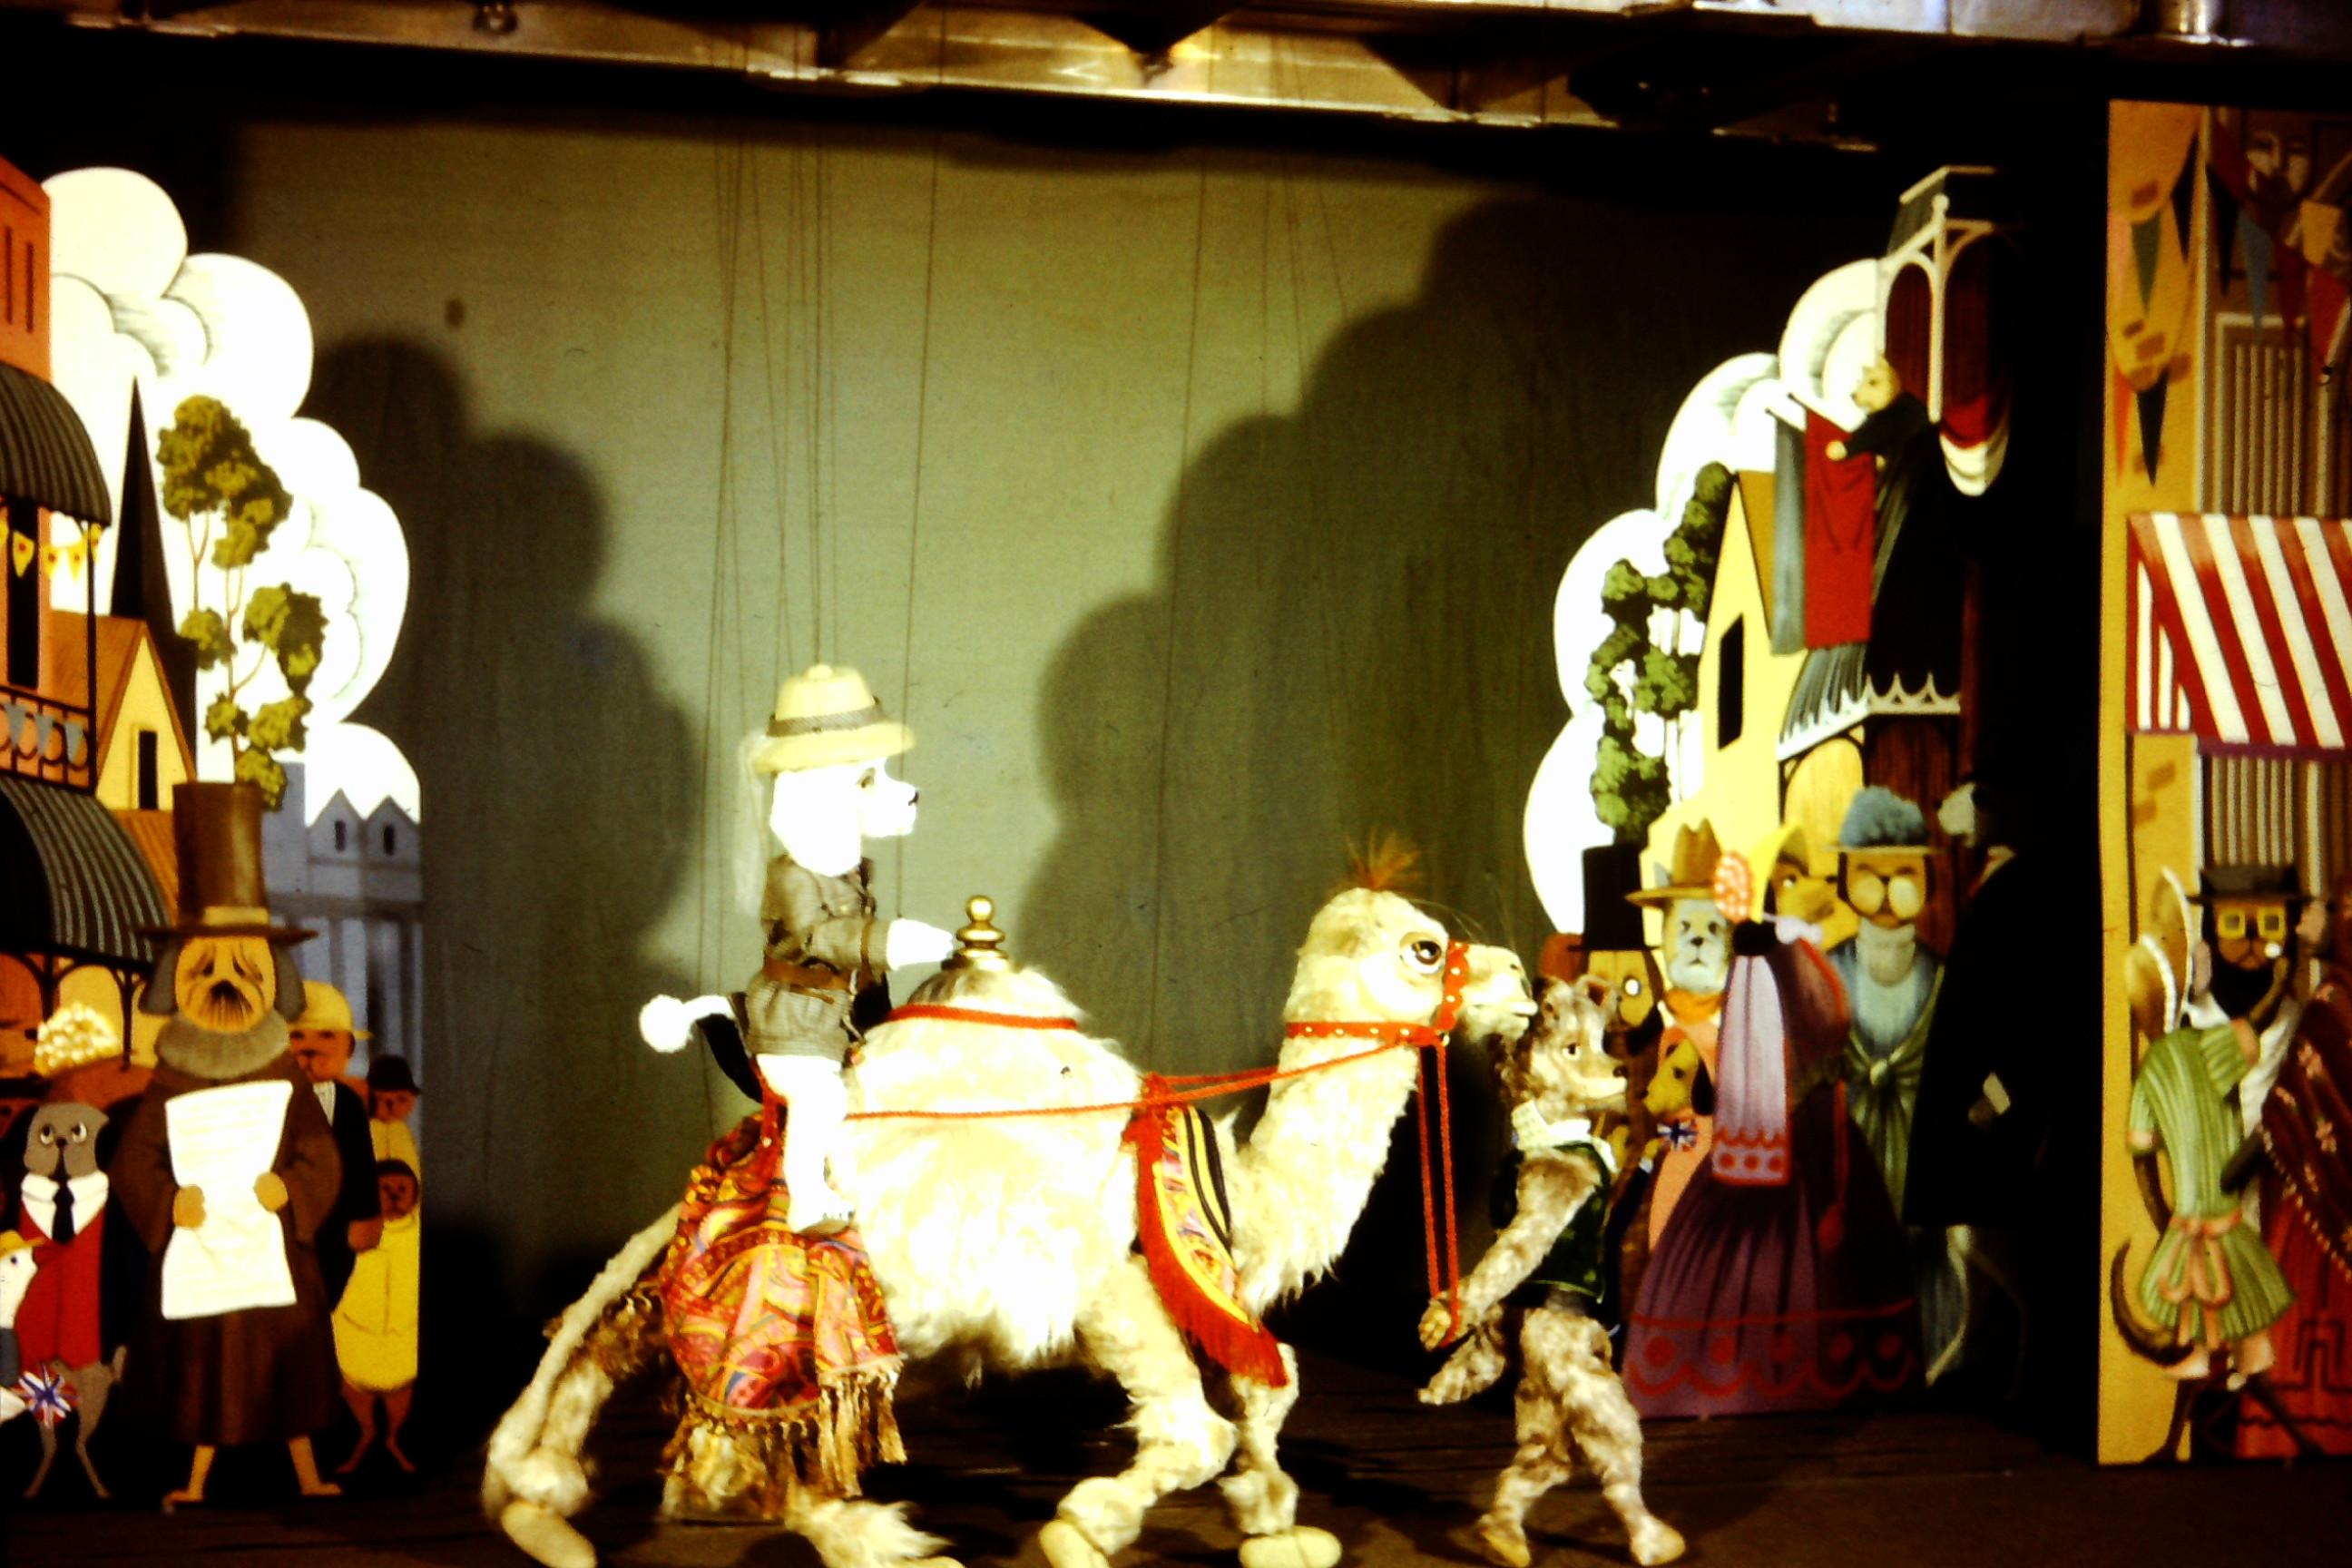 Une scène de <em>The Explorers</em> (1968), une production du Marionette Theatre of Australia, mise en scène : Peter Scriven. Marionnettes à fils. Photo réproduite avec l'aimable autorisation de Collection : Marionette Theatre of Australia